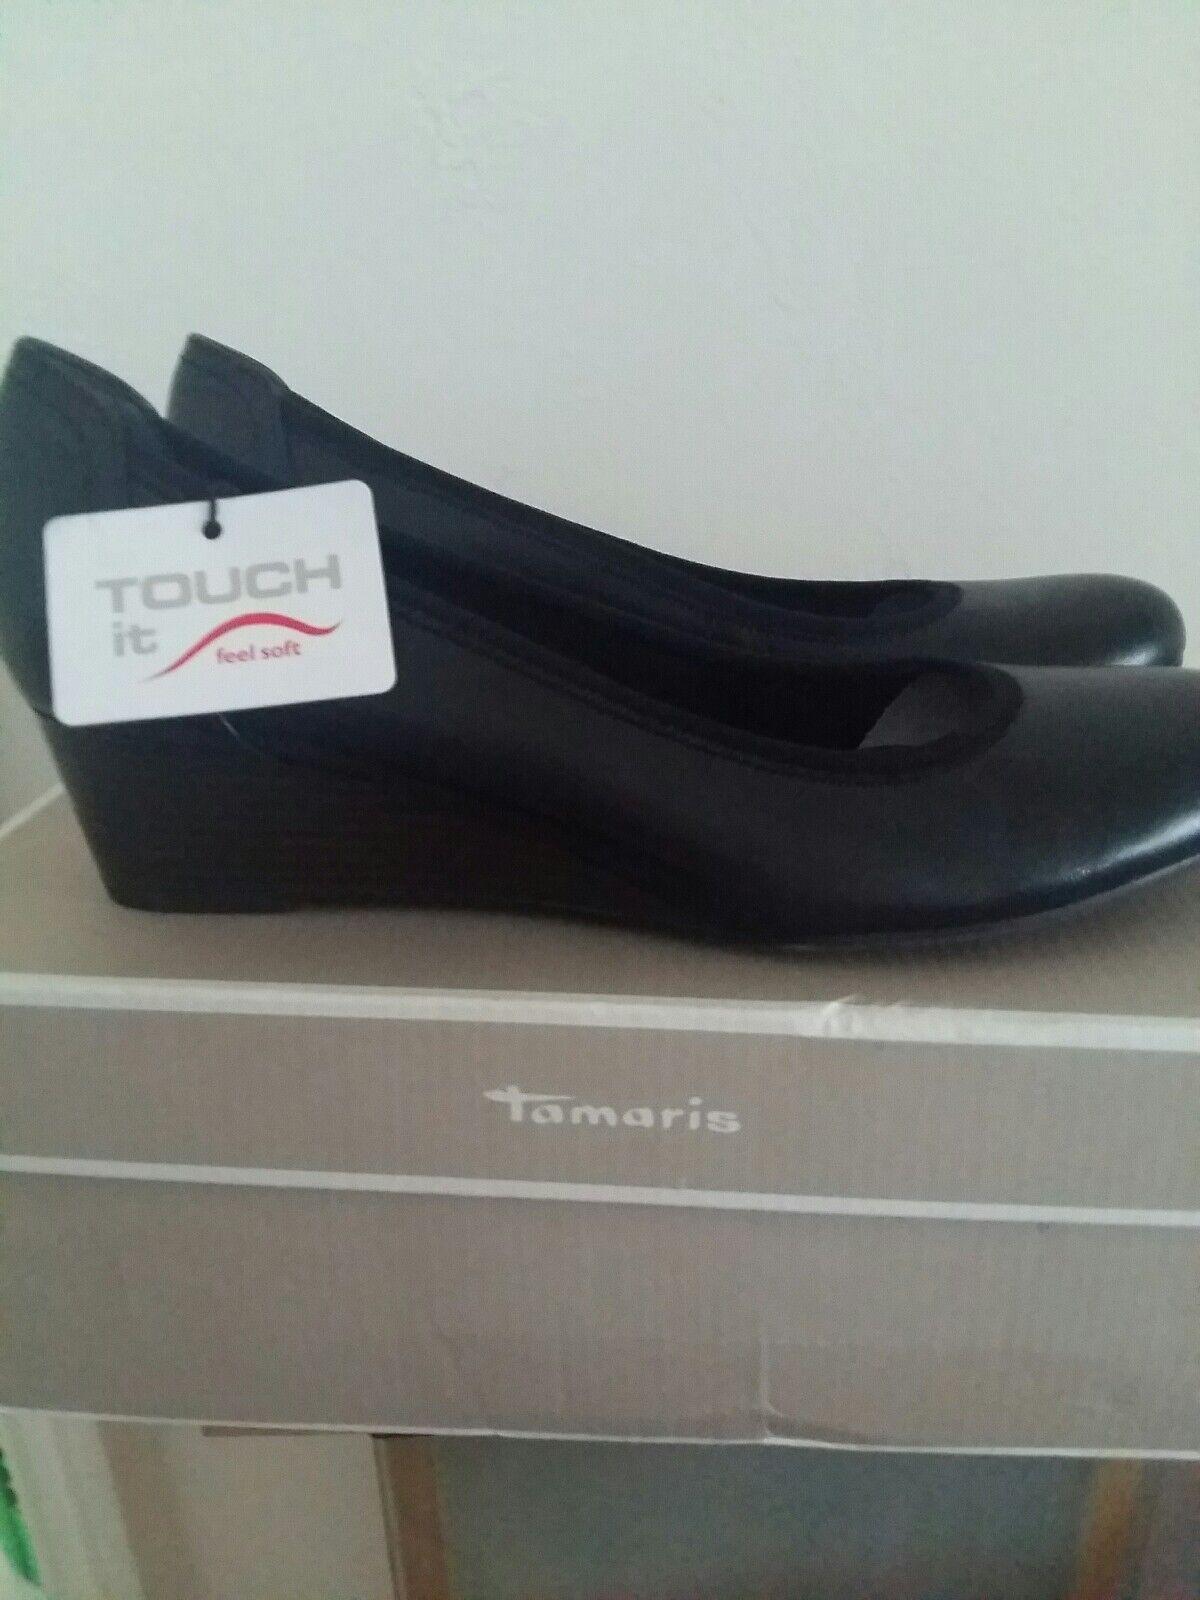 Tamaris 22330 black size 7.5 uk.